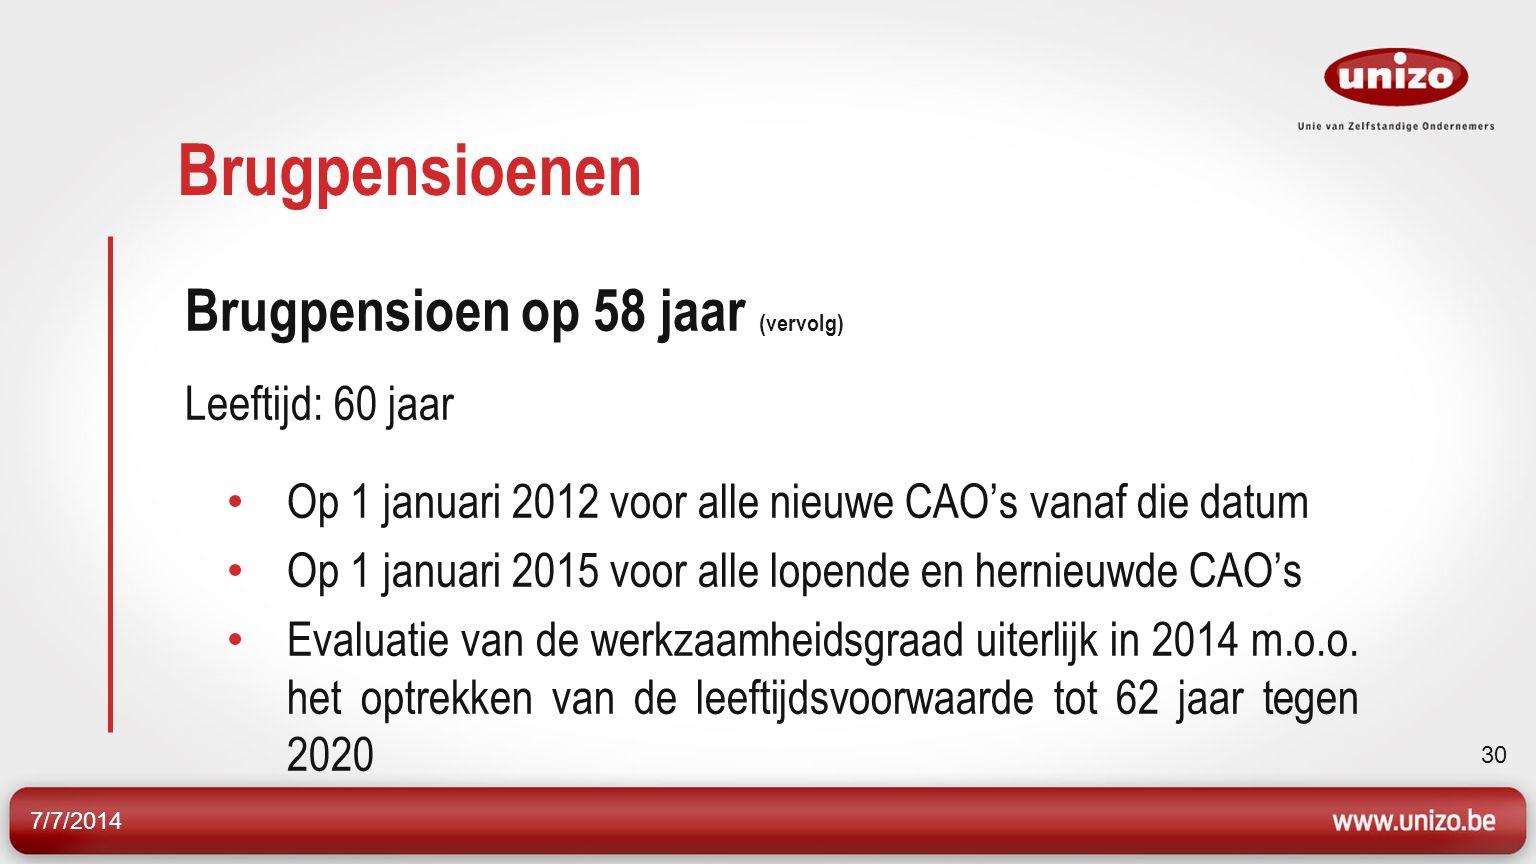 7/7/2014 30 Brugpensioenen Brugpensioen op 58 jaar (vervolg) Leeftijd: 60 jaar Op 1 januari 2012 voor alle nieuwe CAO's vanaf die datum Op 1 januari 2015 voor alle lopende en hernieuwde CAO's Evaluatie van de werkzaamheidsgraad uiterlijk in 2014 m.o.o.